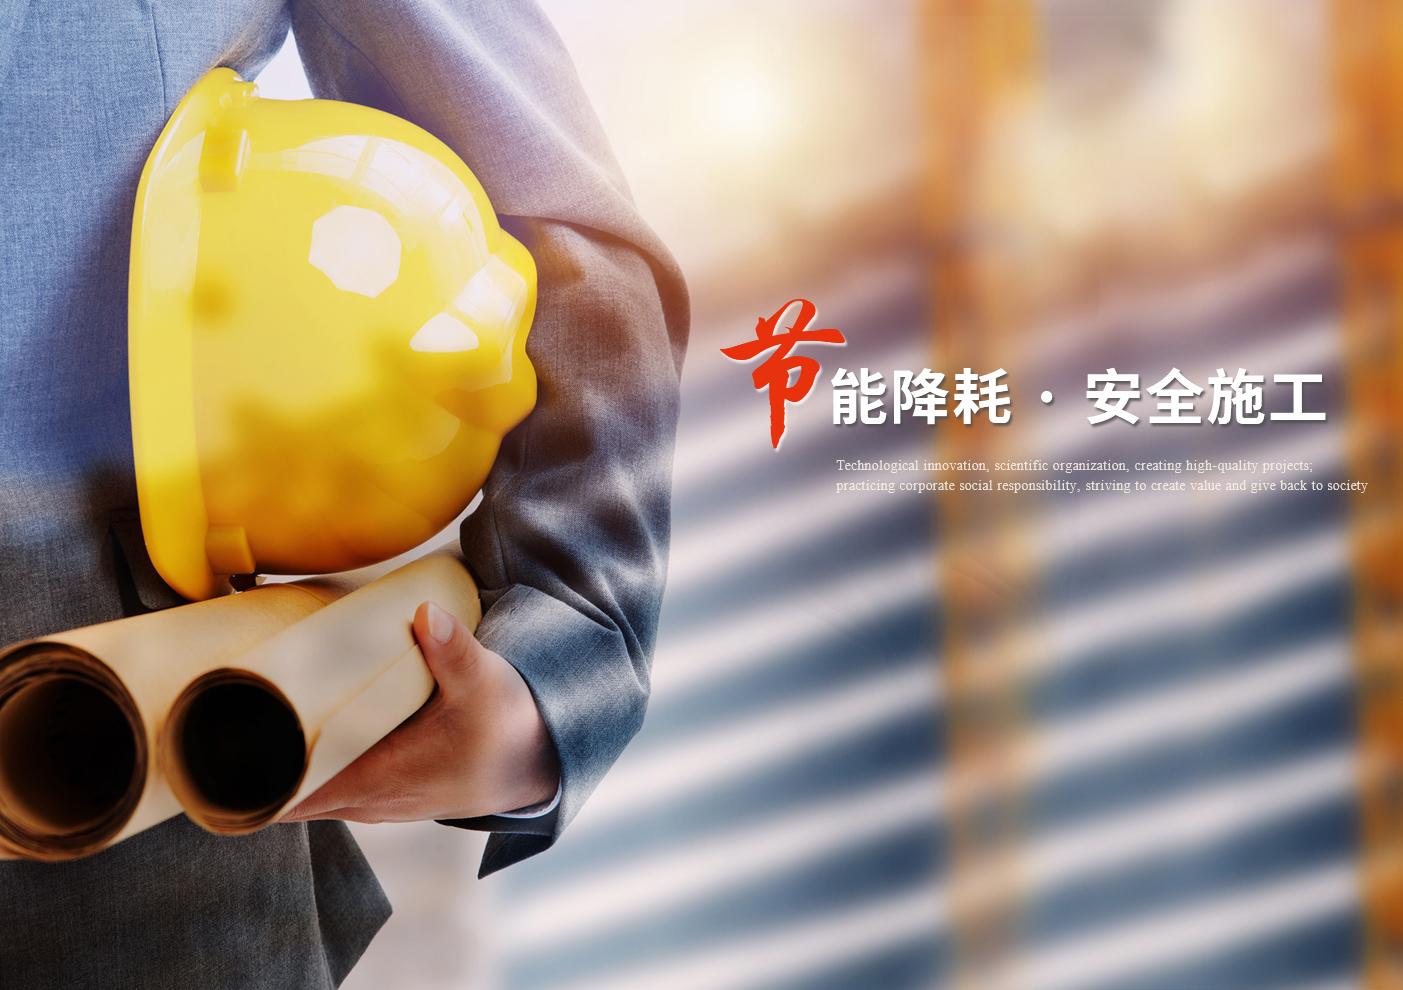 广东建筑公司-建筑工程施工总承包壹级-广东润昌建设工程有限公司【网站欣赏